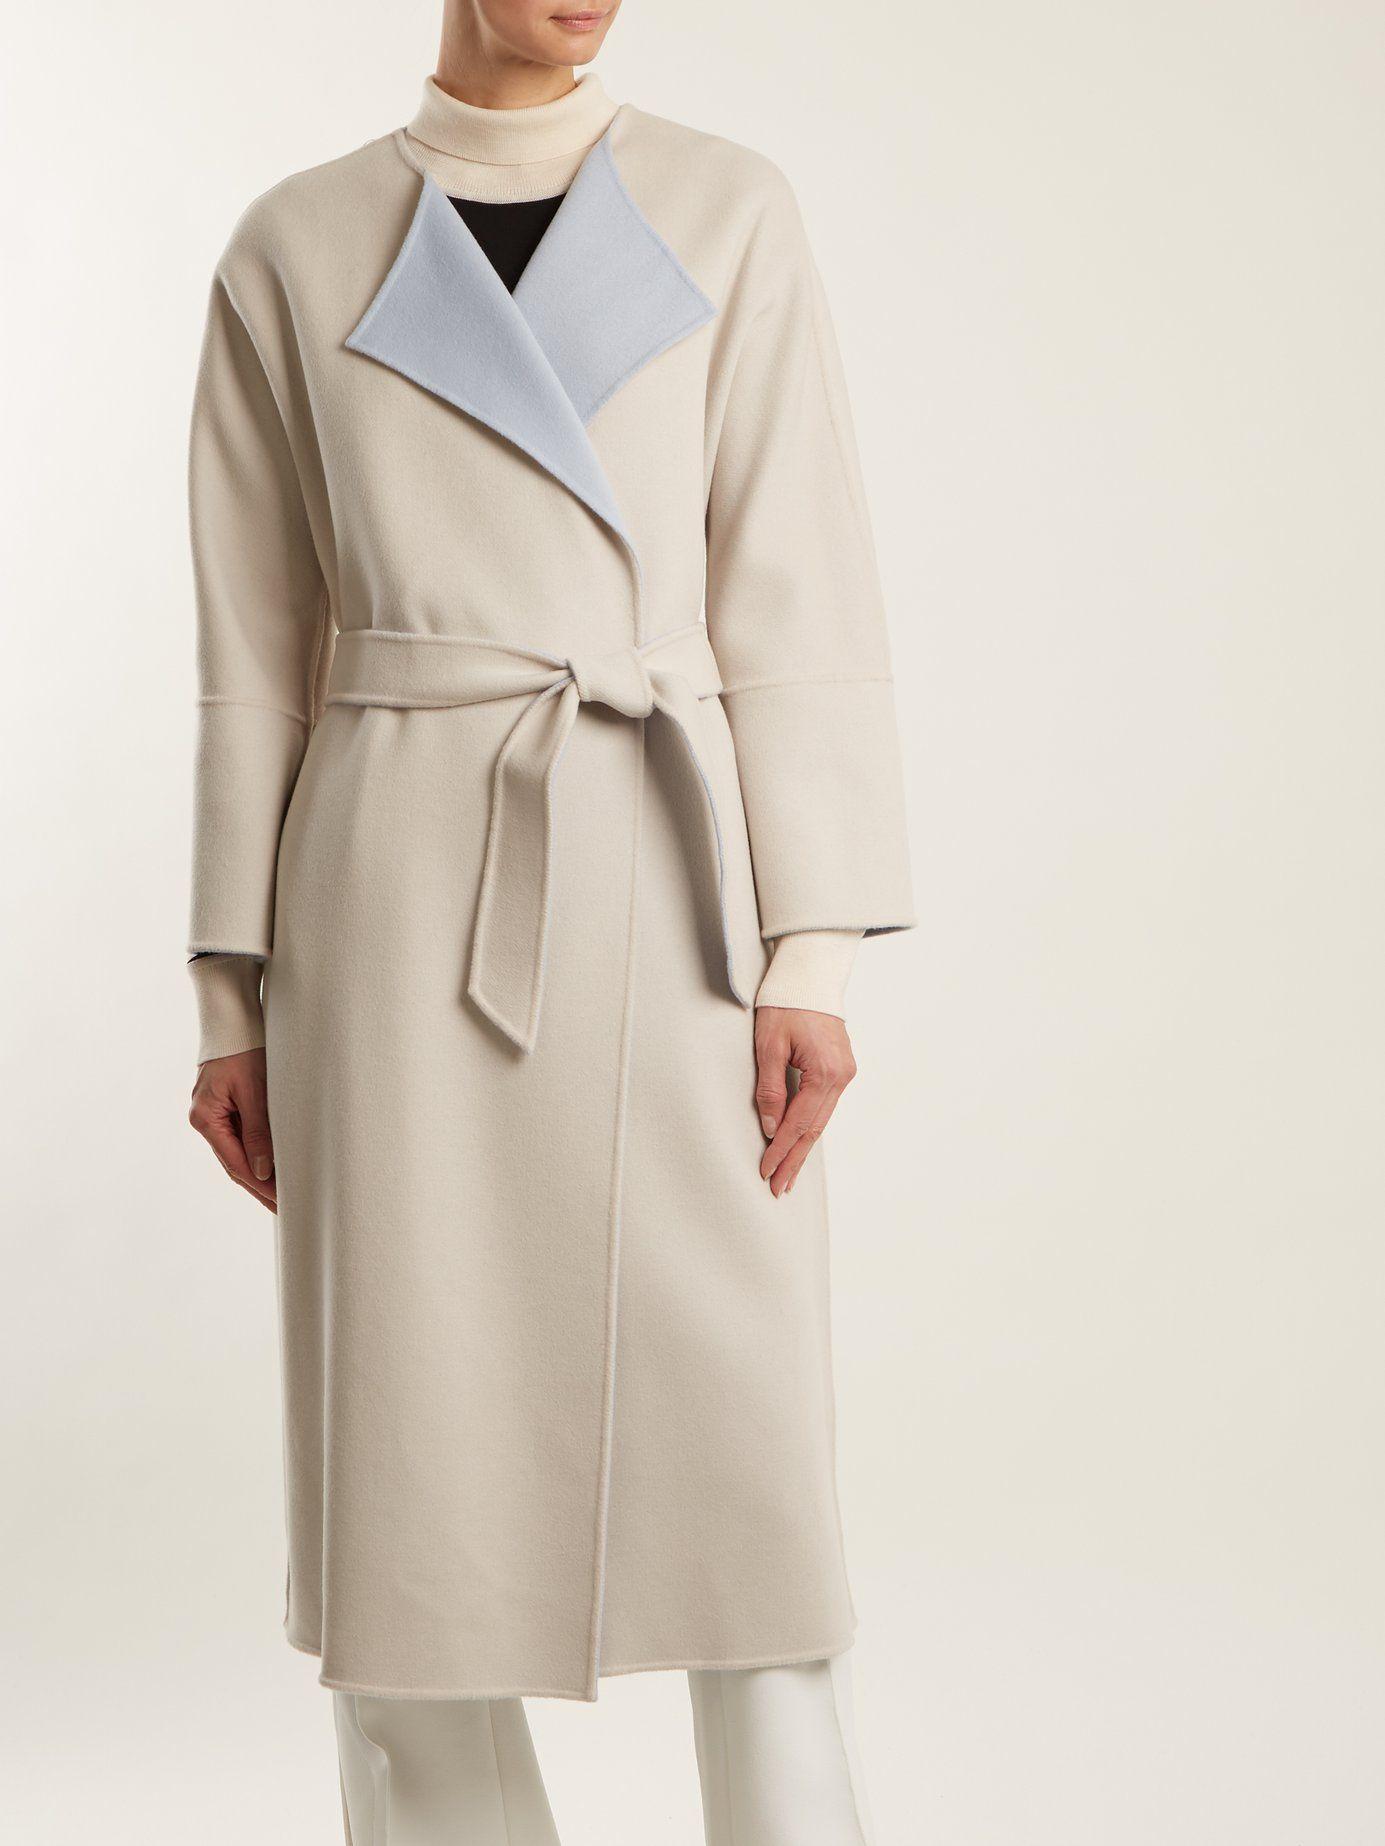 901f8b5b19e Lari coat